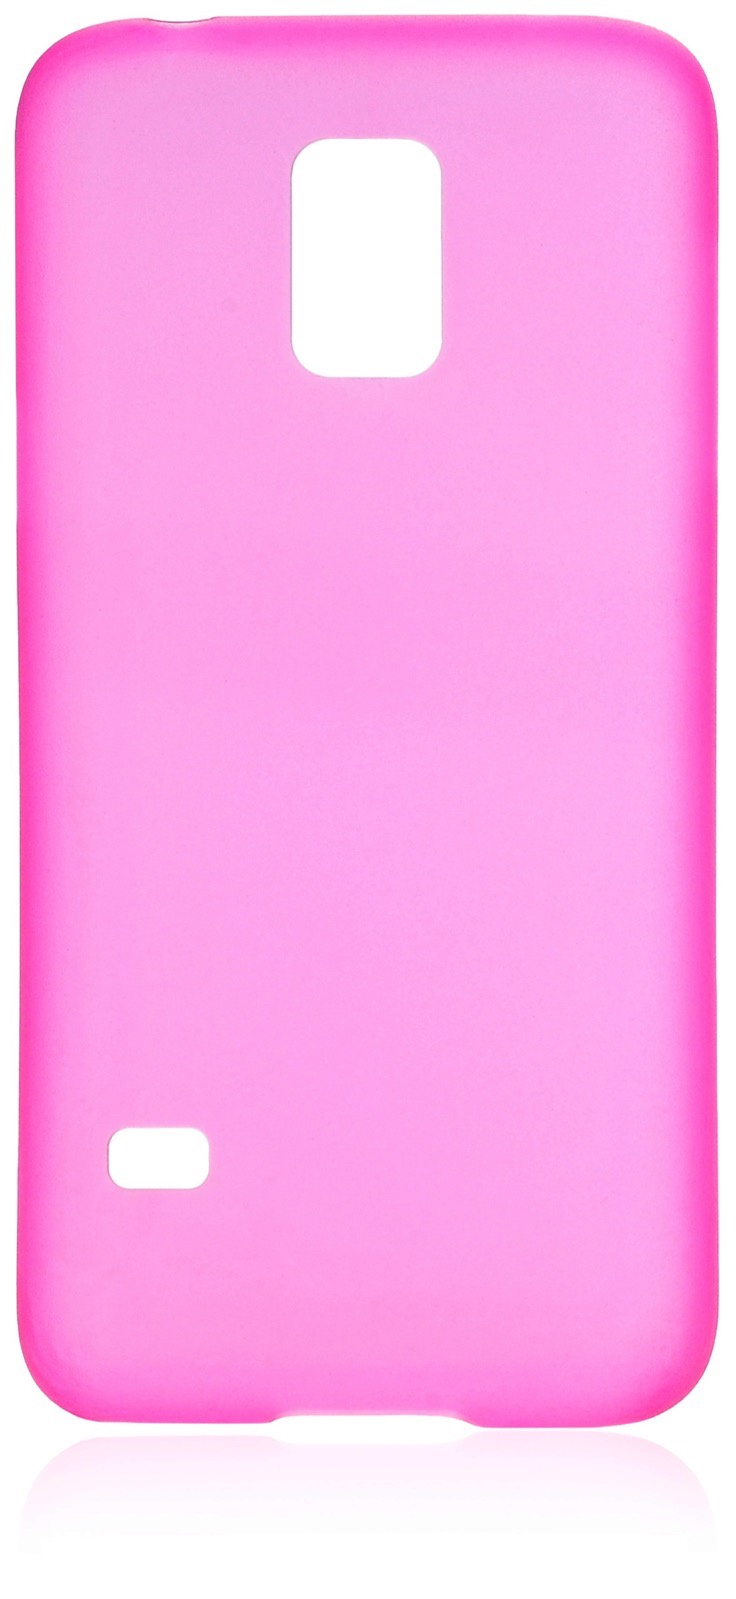 Чехол накладка iNeez пластик 0.3мм 570004 для Samsung Galaxy S5 mini,570004, малиновый